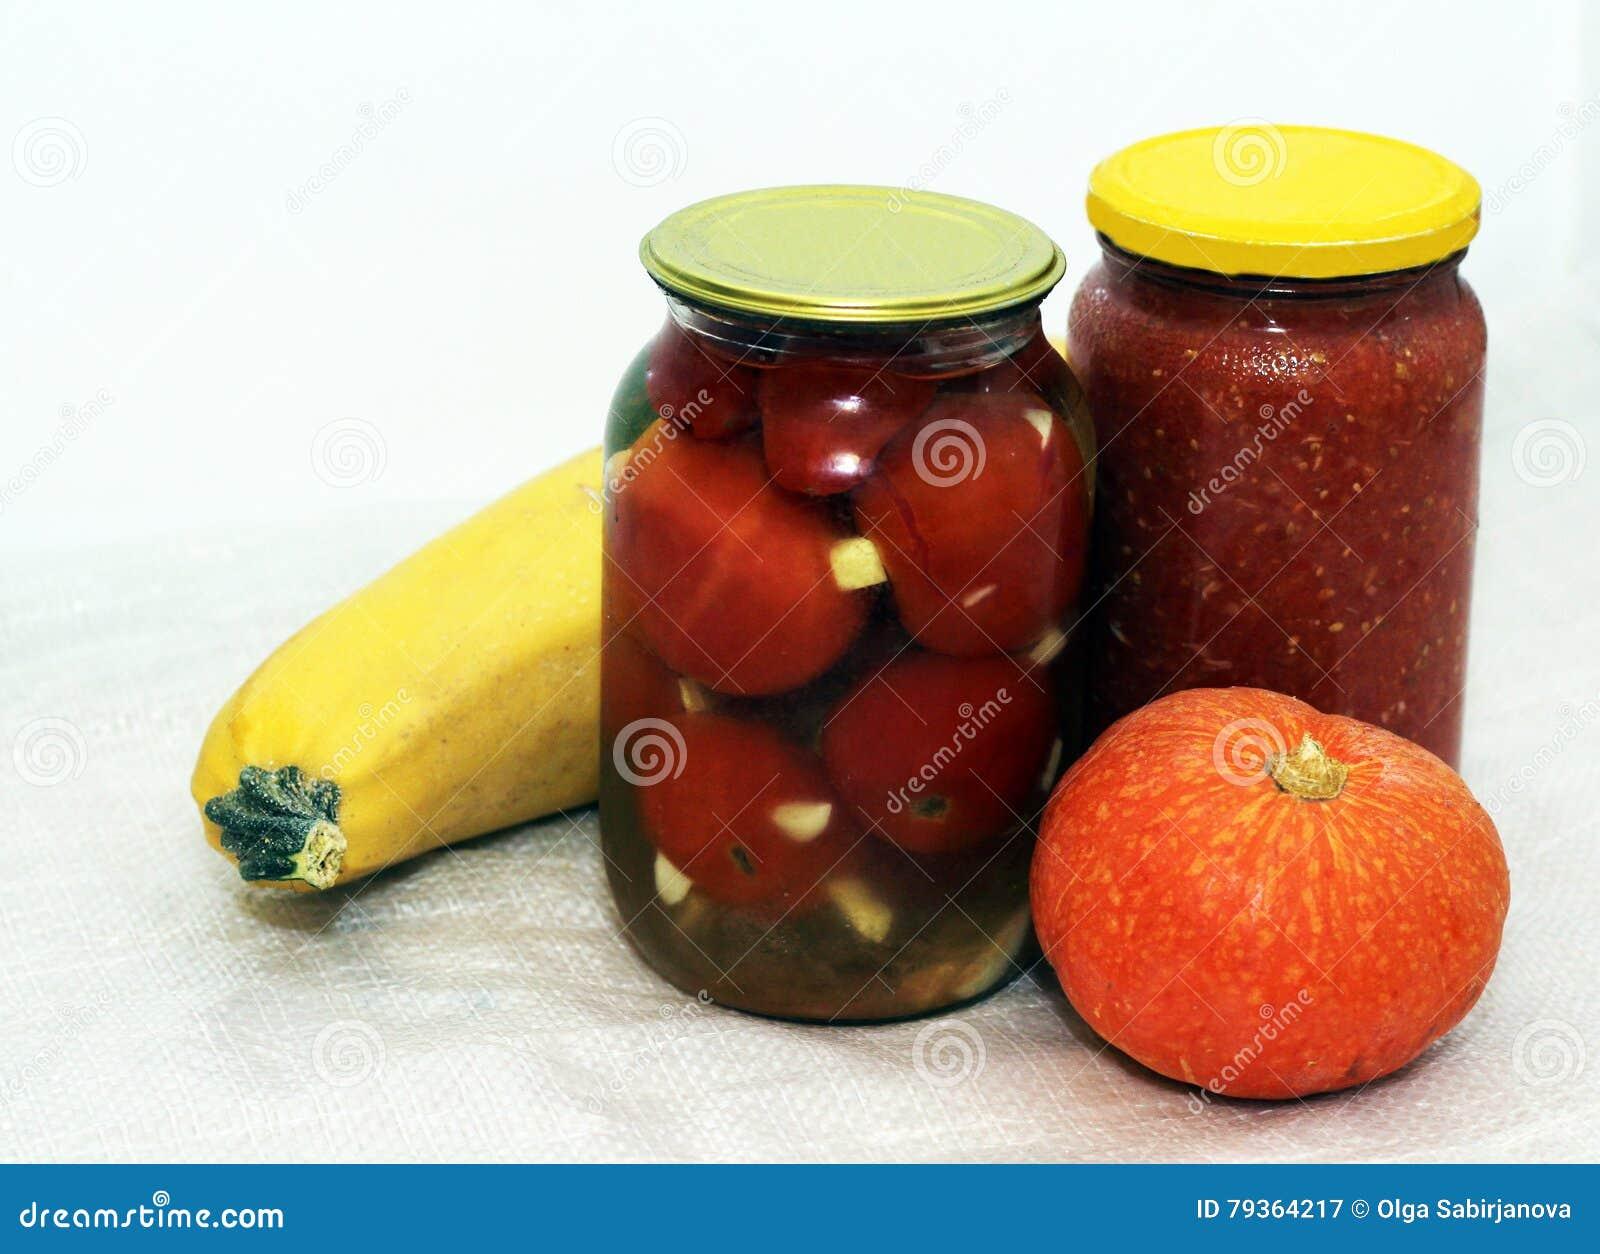 Σπιτικές παστωμένες ντομάτες στο βάζο και την κολοκύθα